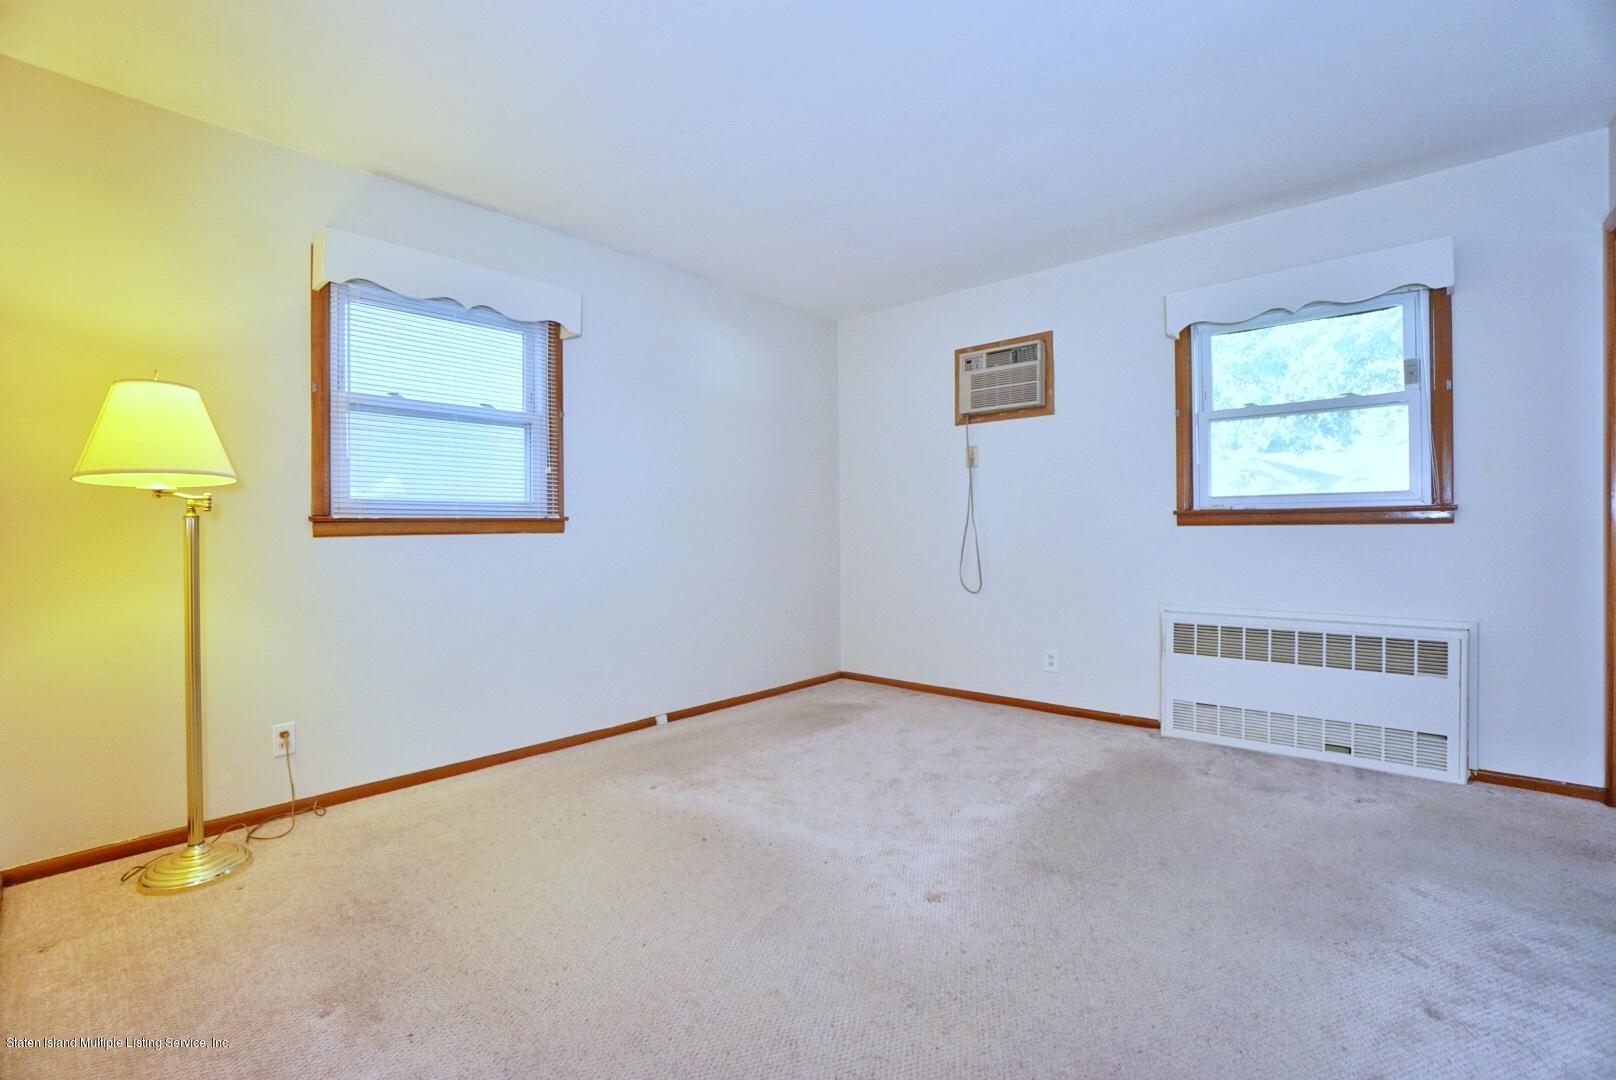 Single Family - Detached 215 Fairbanks Avenue  Staten Island, NY 10306, MLS-1138817-20